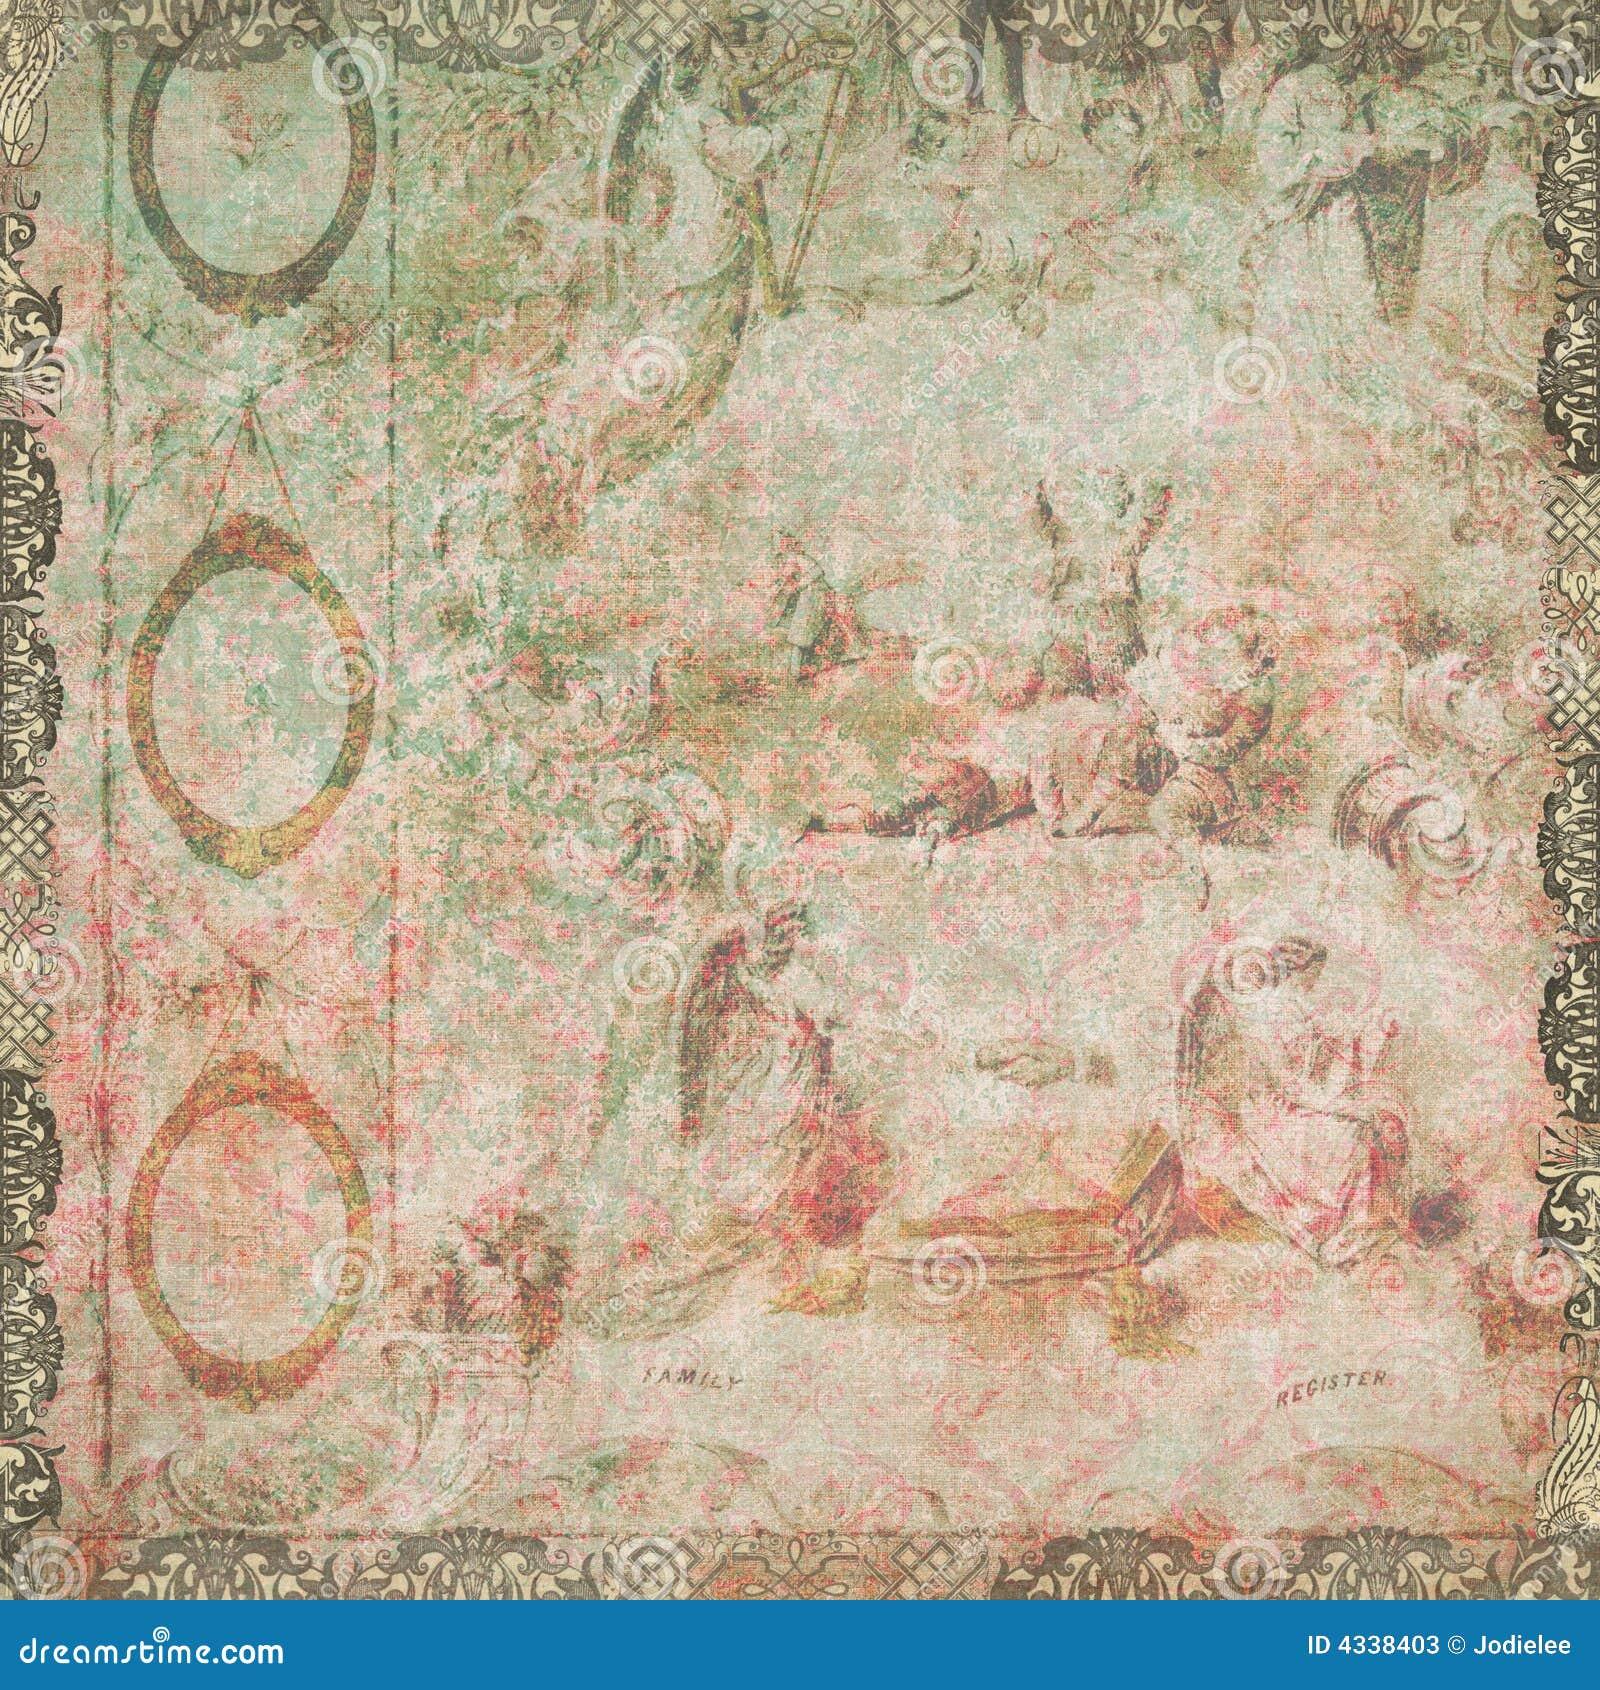 vintage floral and angels wallpaper stock photos image 4338403. Black Bedroom Furniture Sets. Home Design Ideas